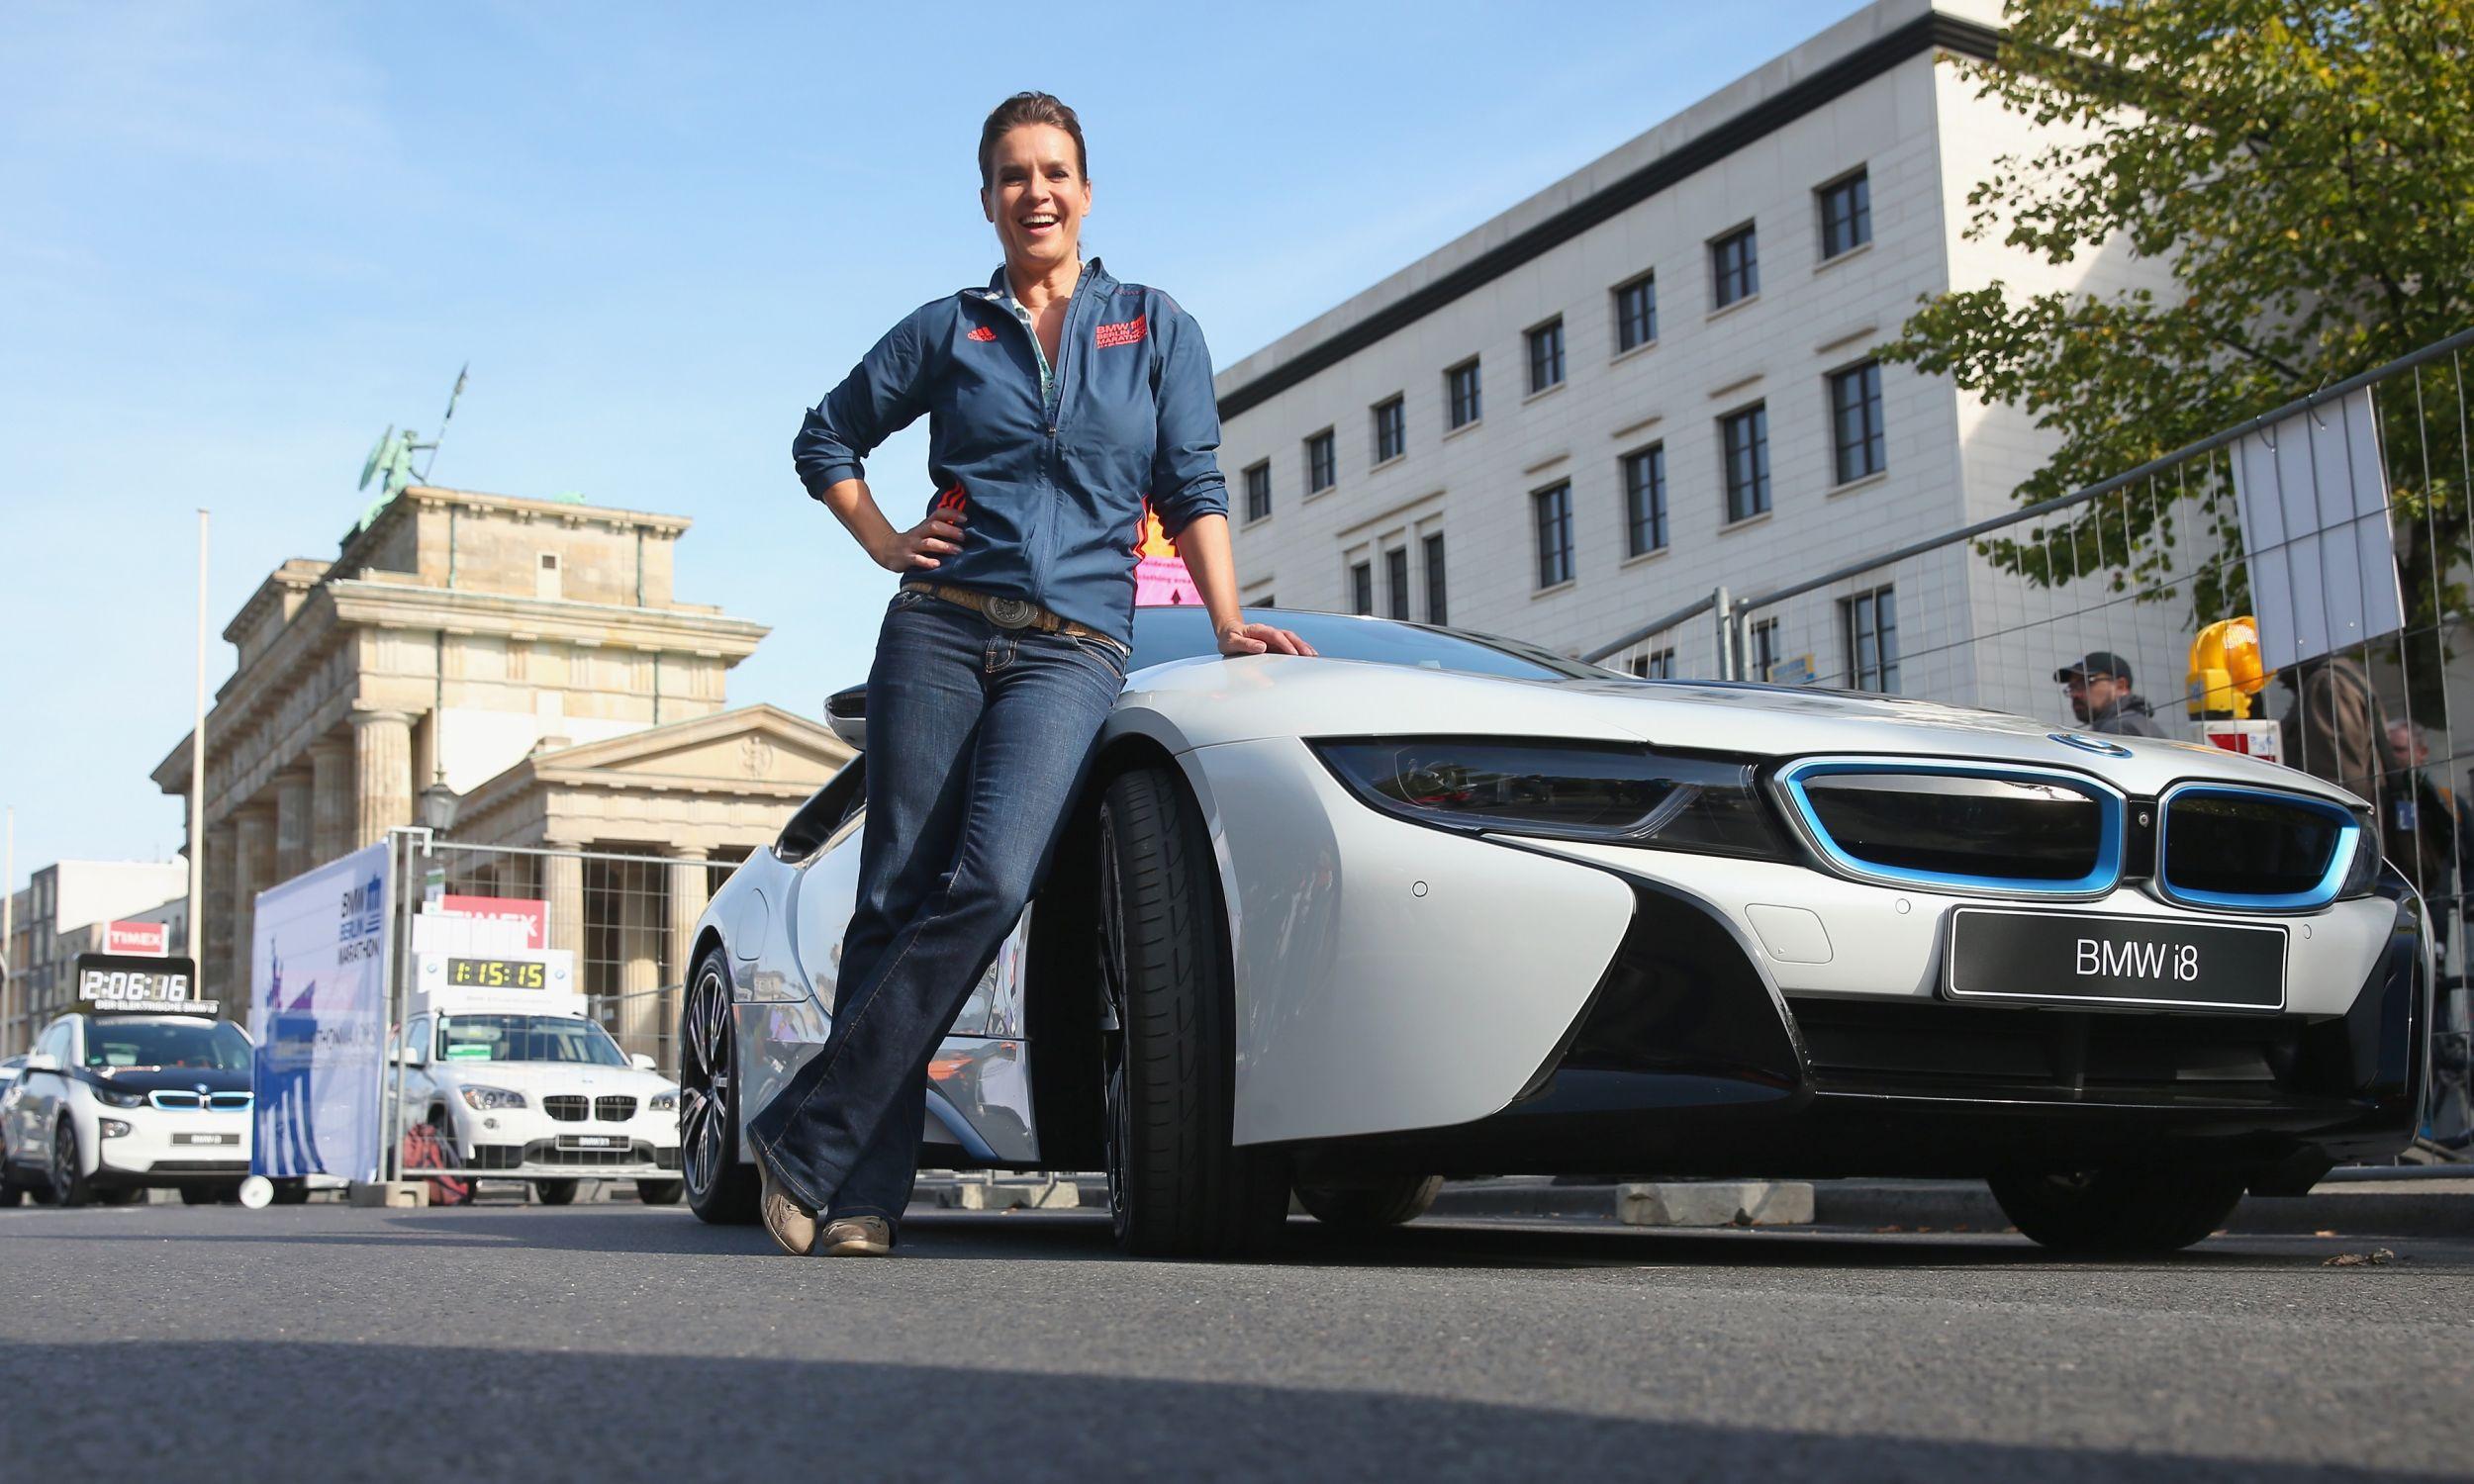 Najpiękniejsza twarz NRD, słynna łyżwiarka Katarina Witt świetnie odnalazła się w zjednoczonych Niemczech. W 2018 roku została ambasadorem BMW. Fot. Alexander Hassenstein/Getty Images for BMW